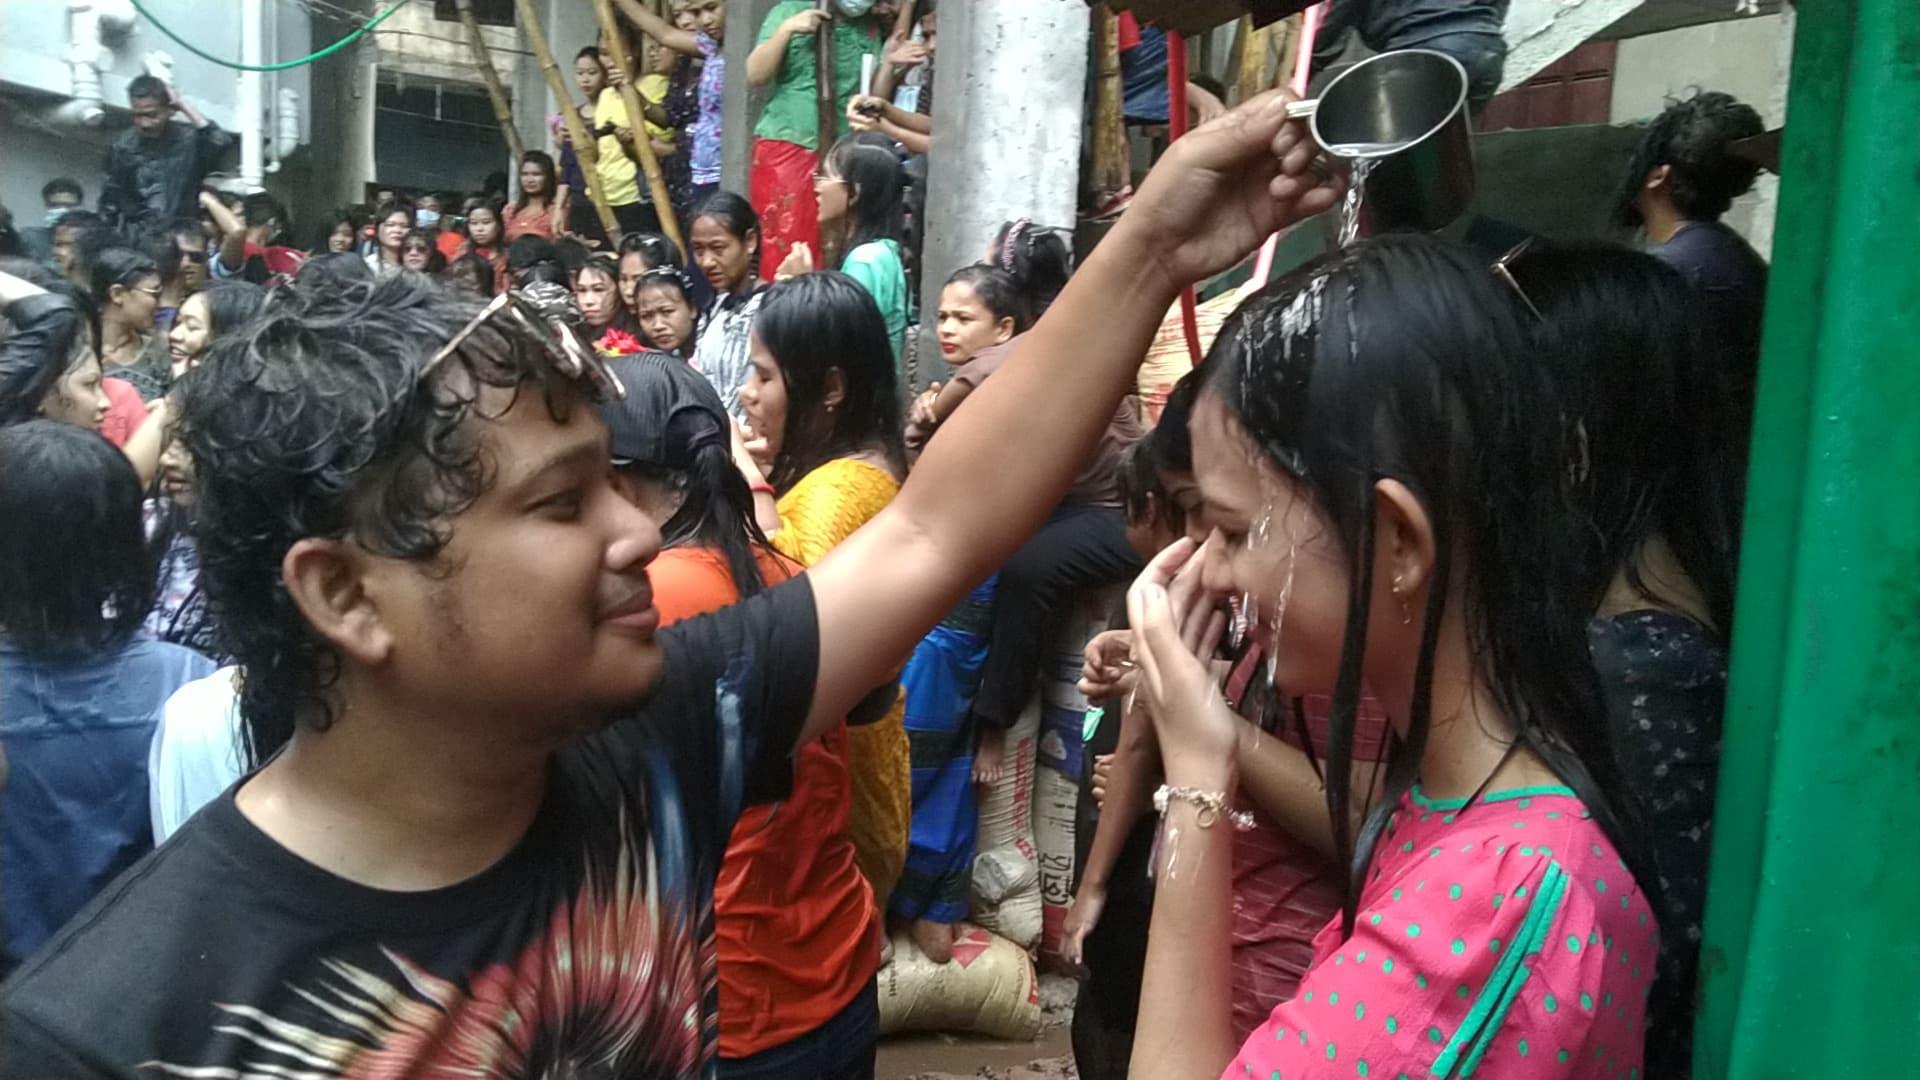 কক্সবাজার শহরে রাখাইন সম্প্রদায়ের জলকেলি' উৎসবে নেই উচ্ছ্বাস